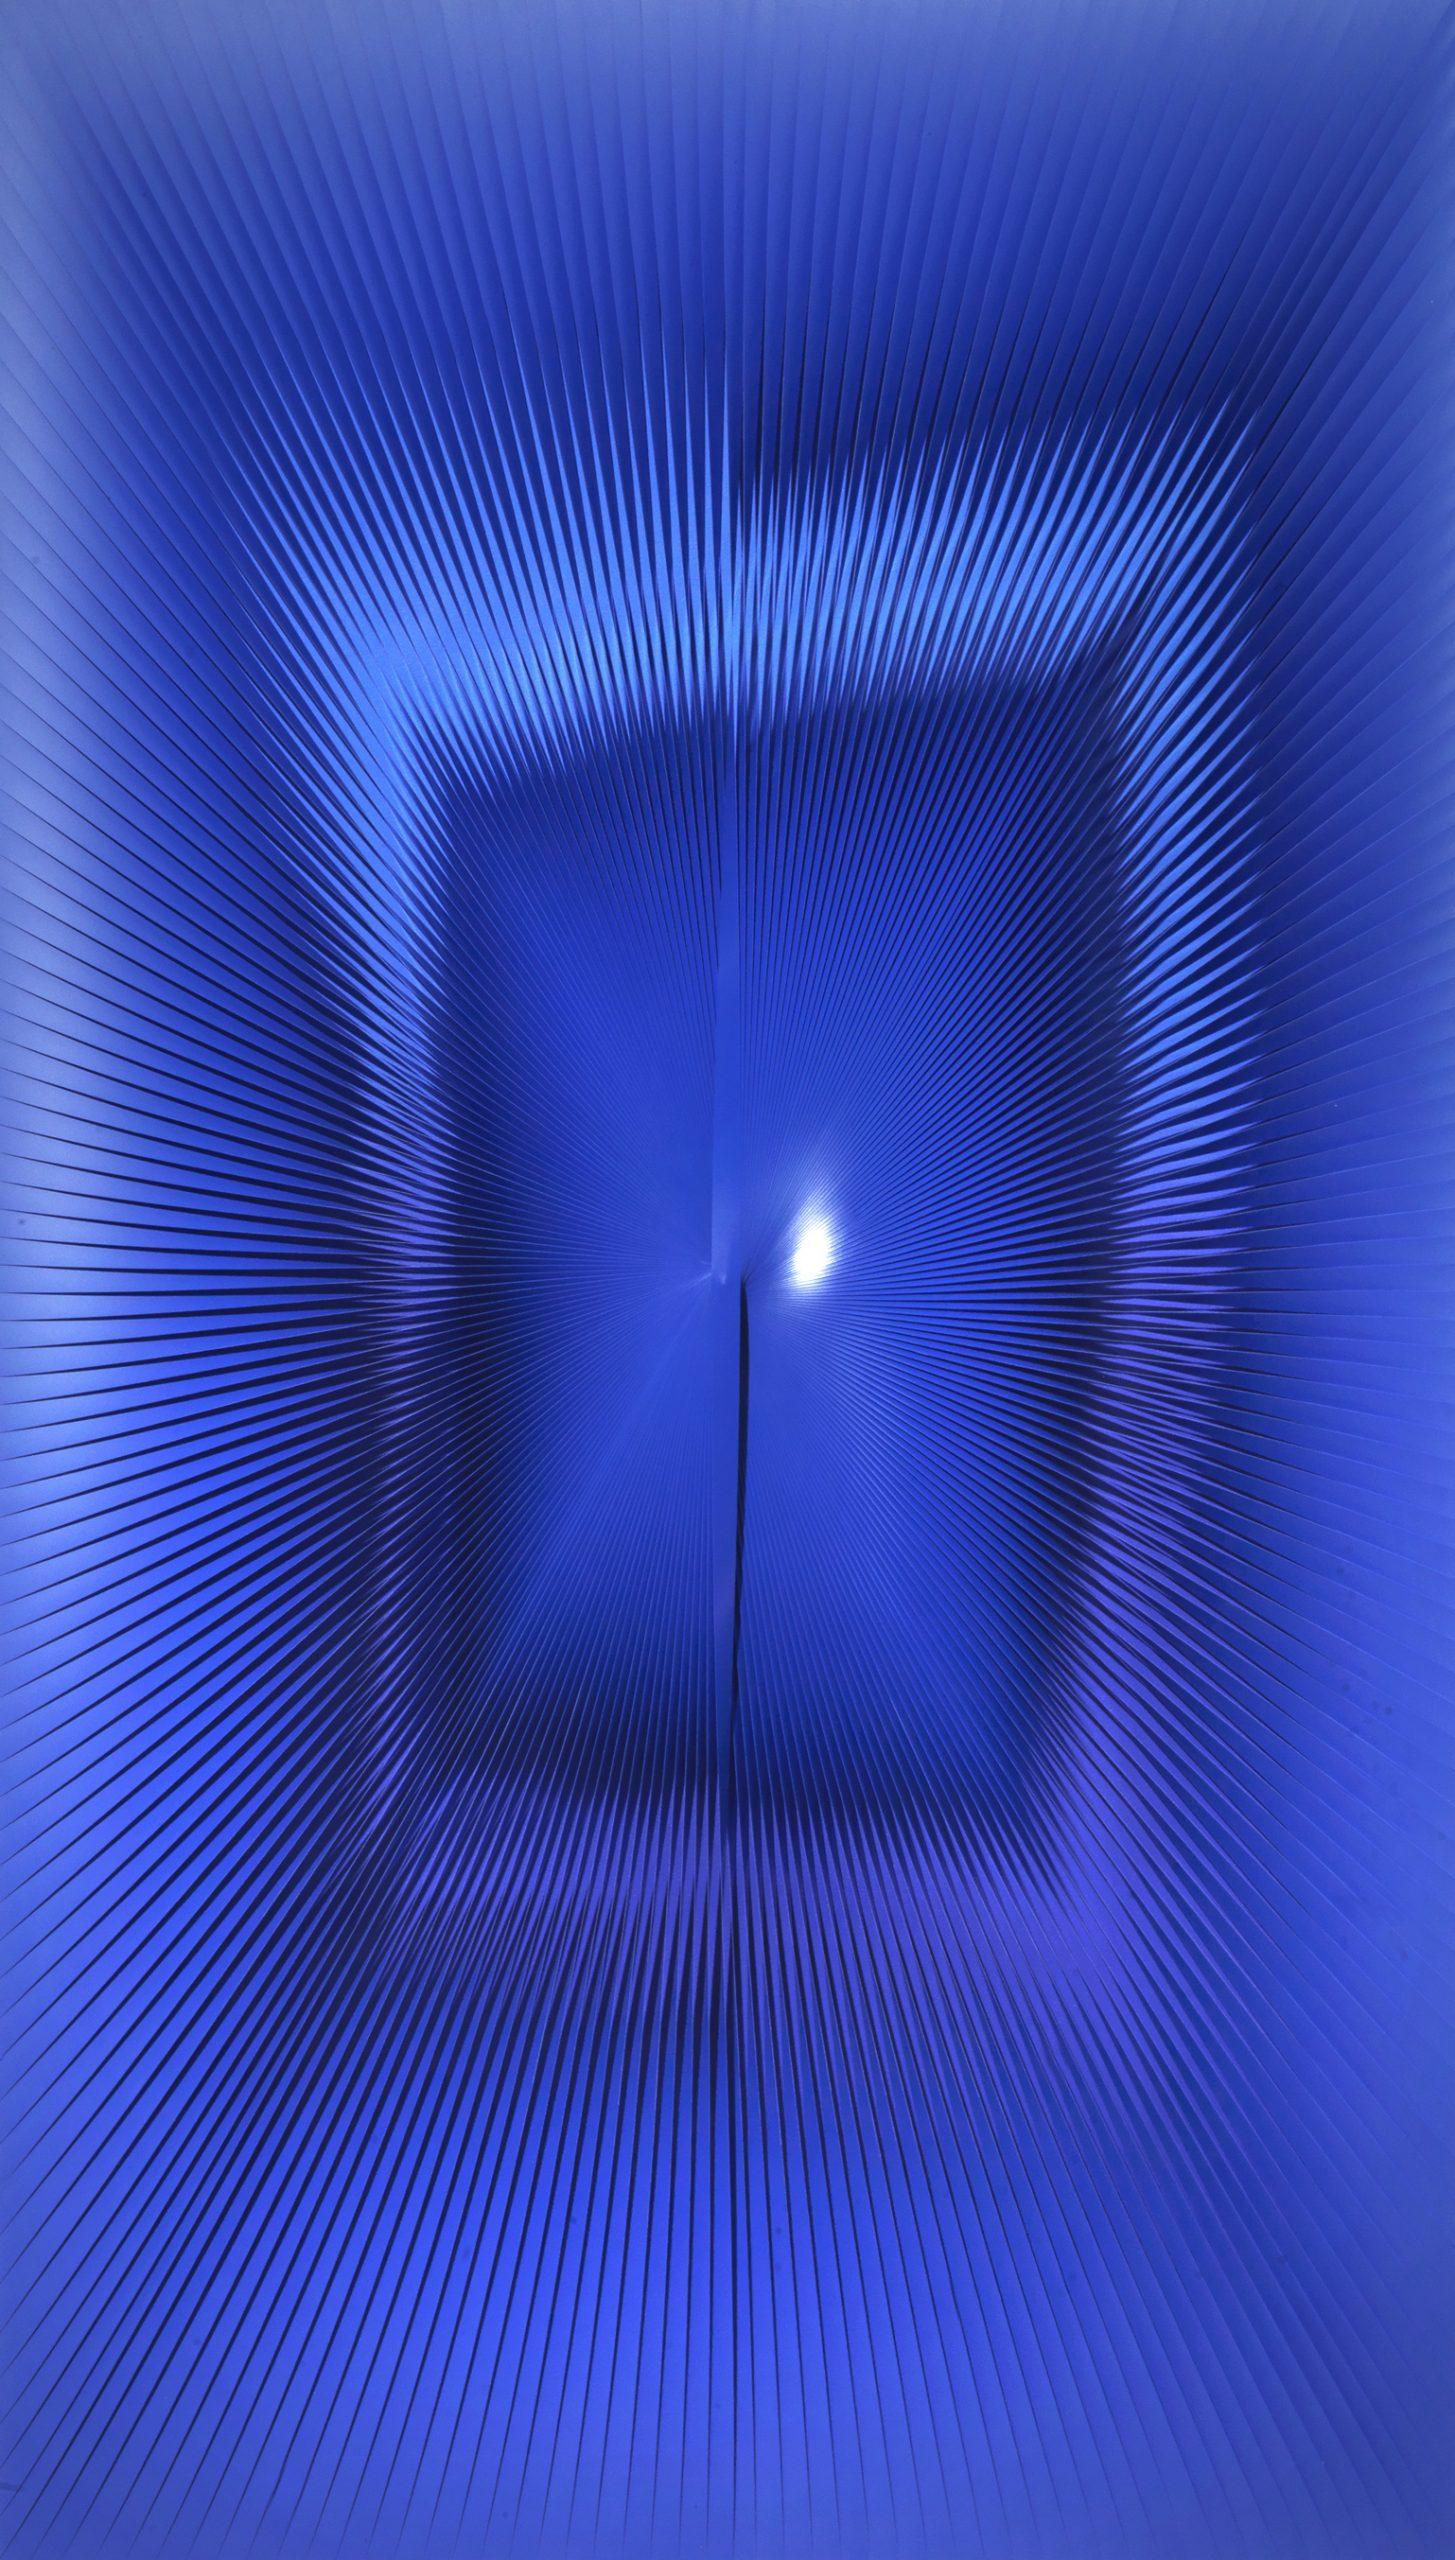 Alberto Biasi, Si muove nel blu, 2016, lamelle in PVC e acrilico su tavola, cm 160x90